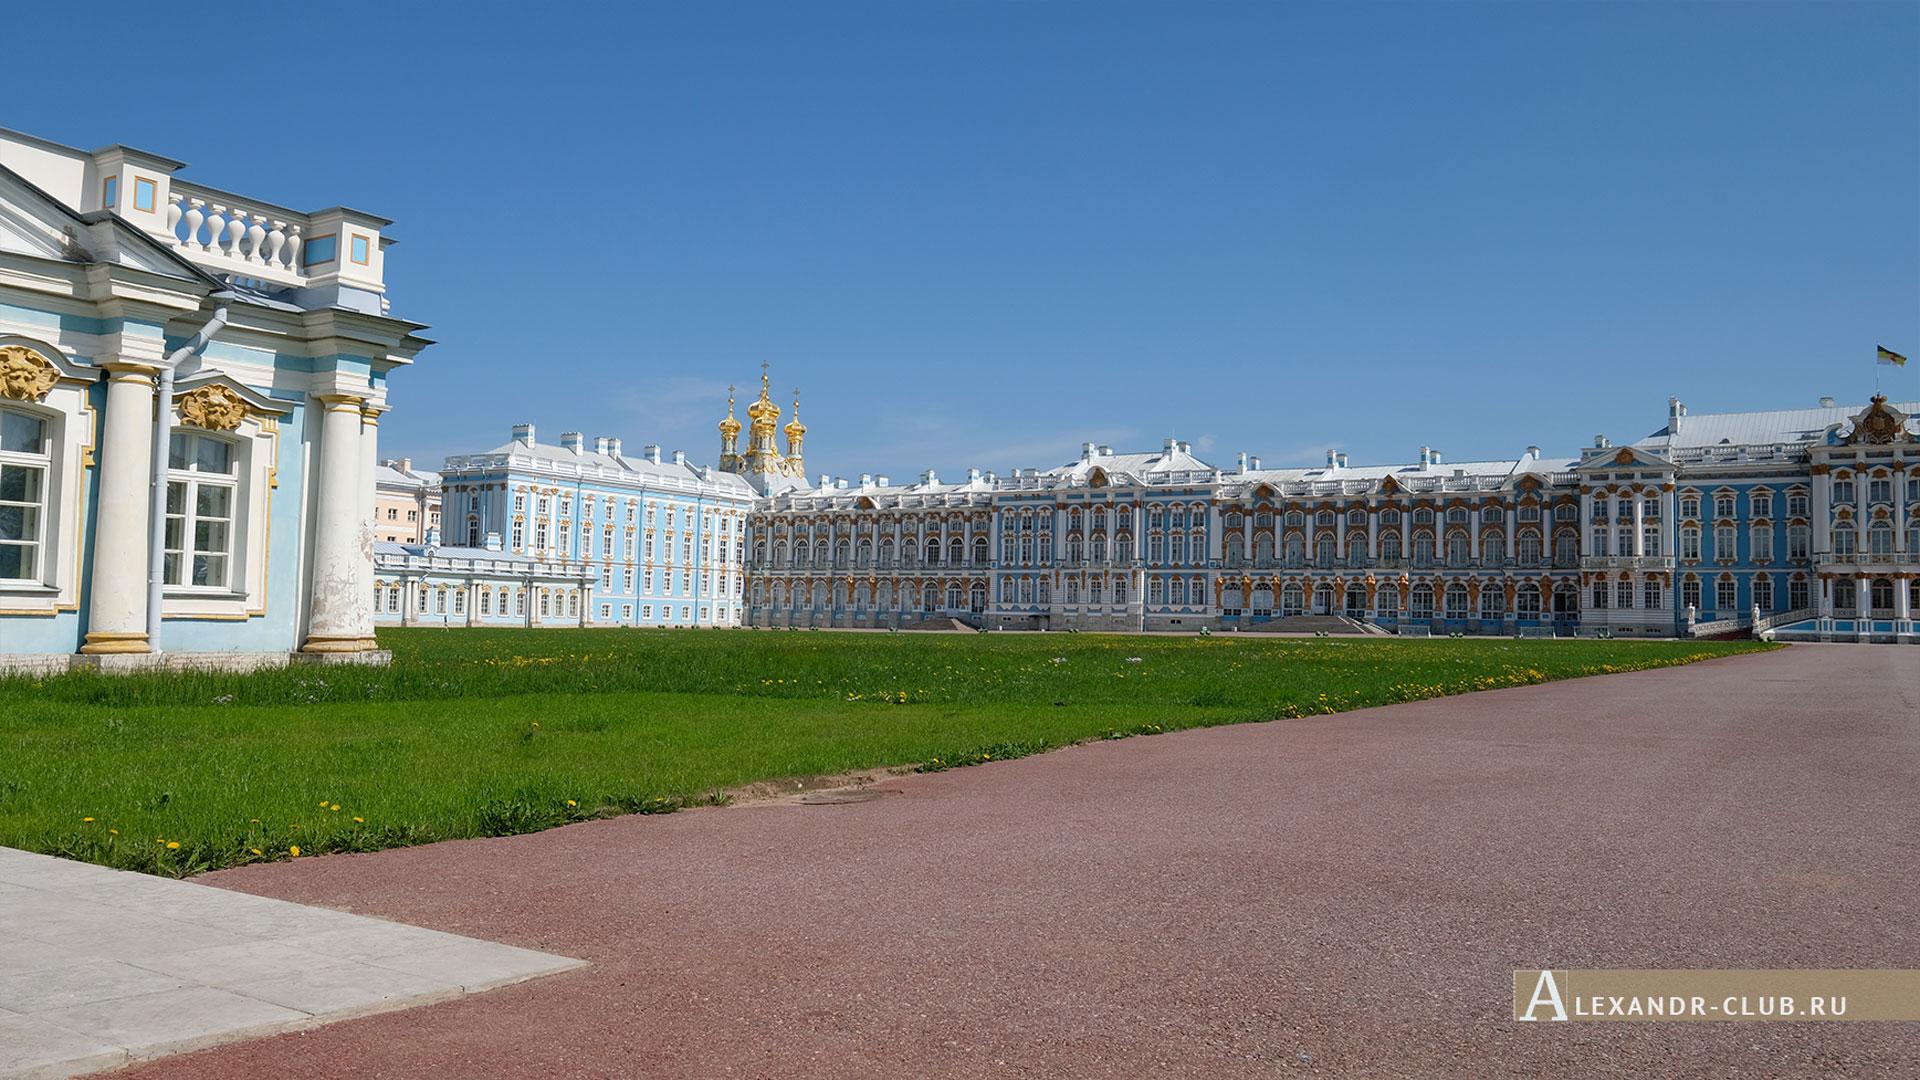 Царское Село, Екатерининский дворец, Парадный двор